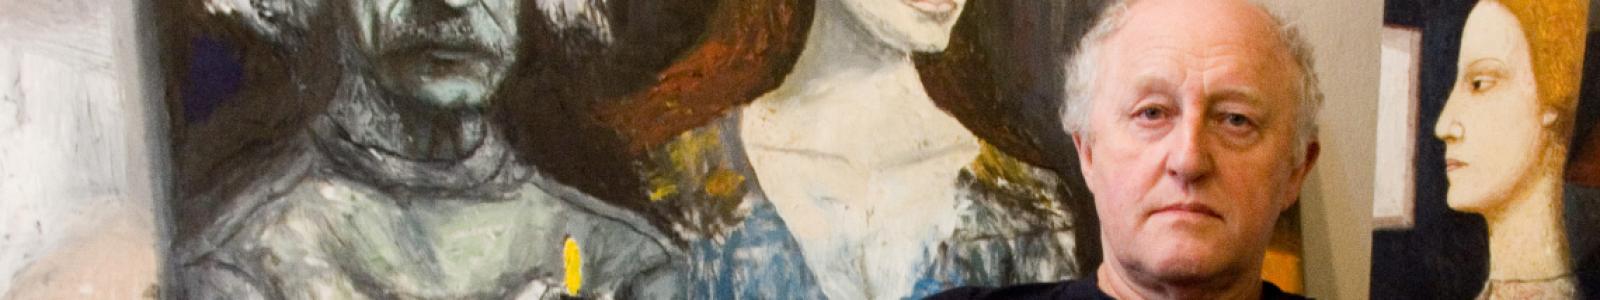 Gallery Painter tamara mamaeva